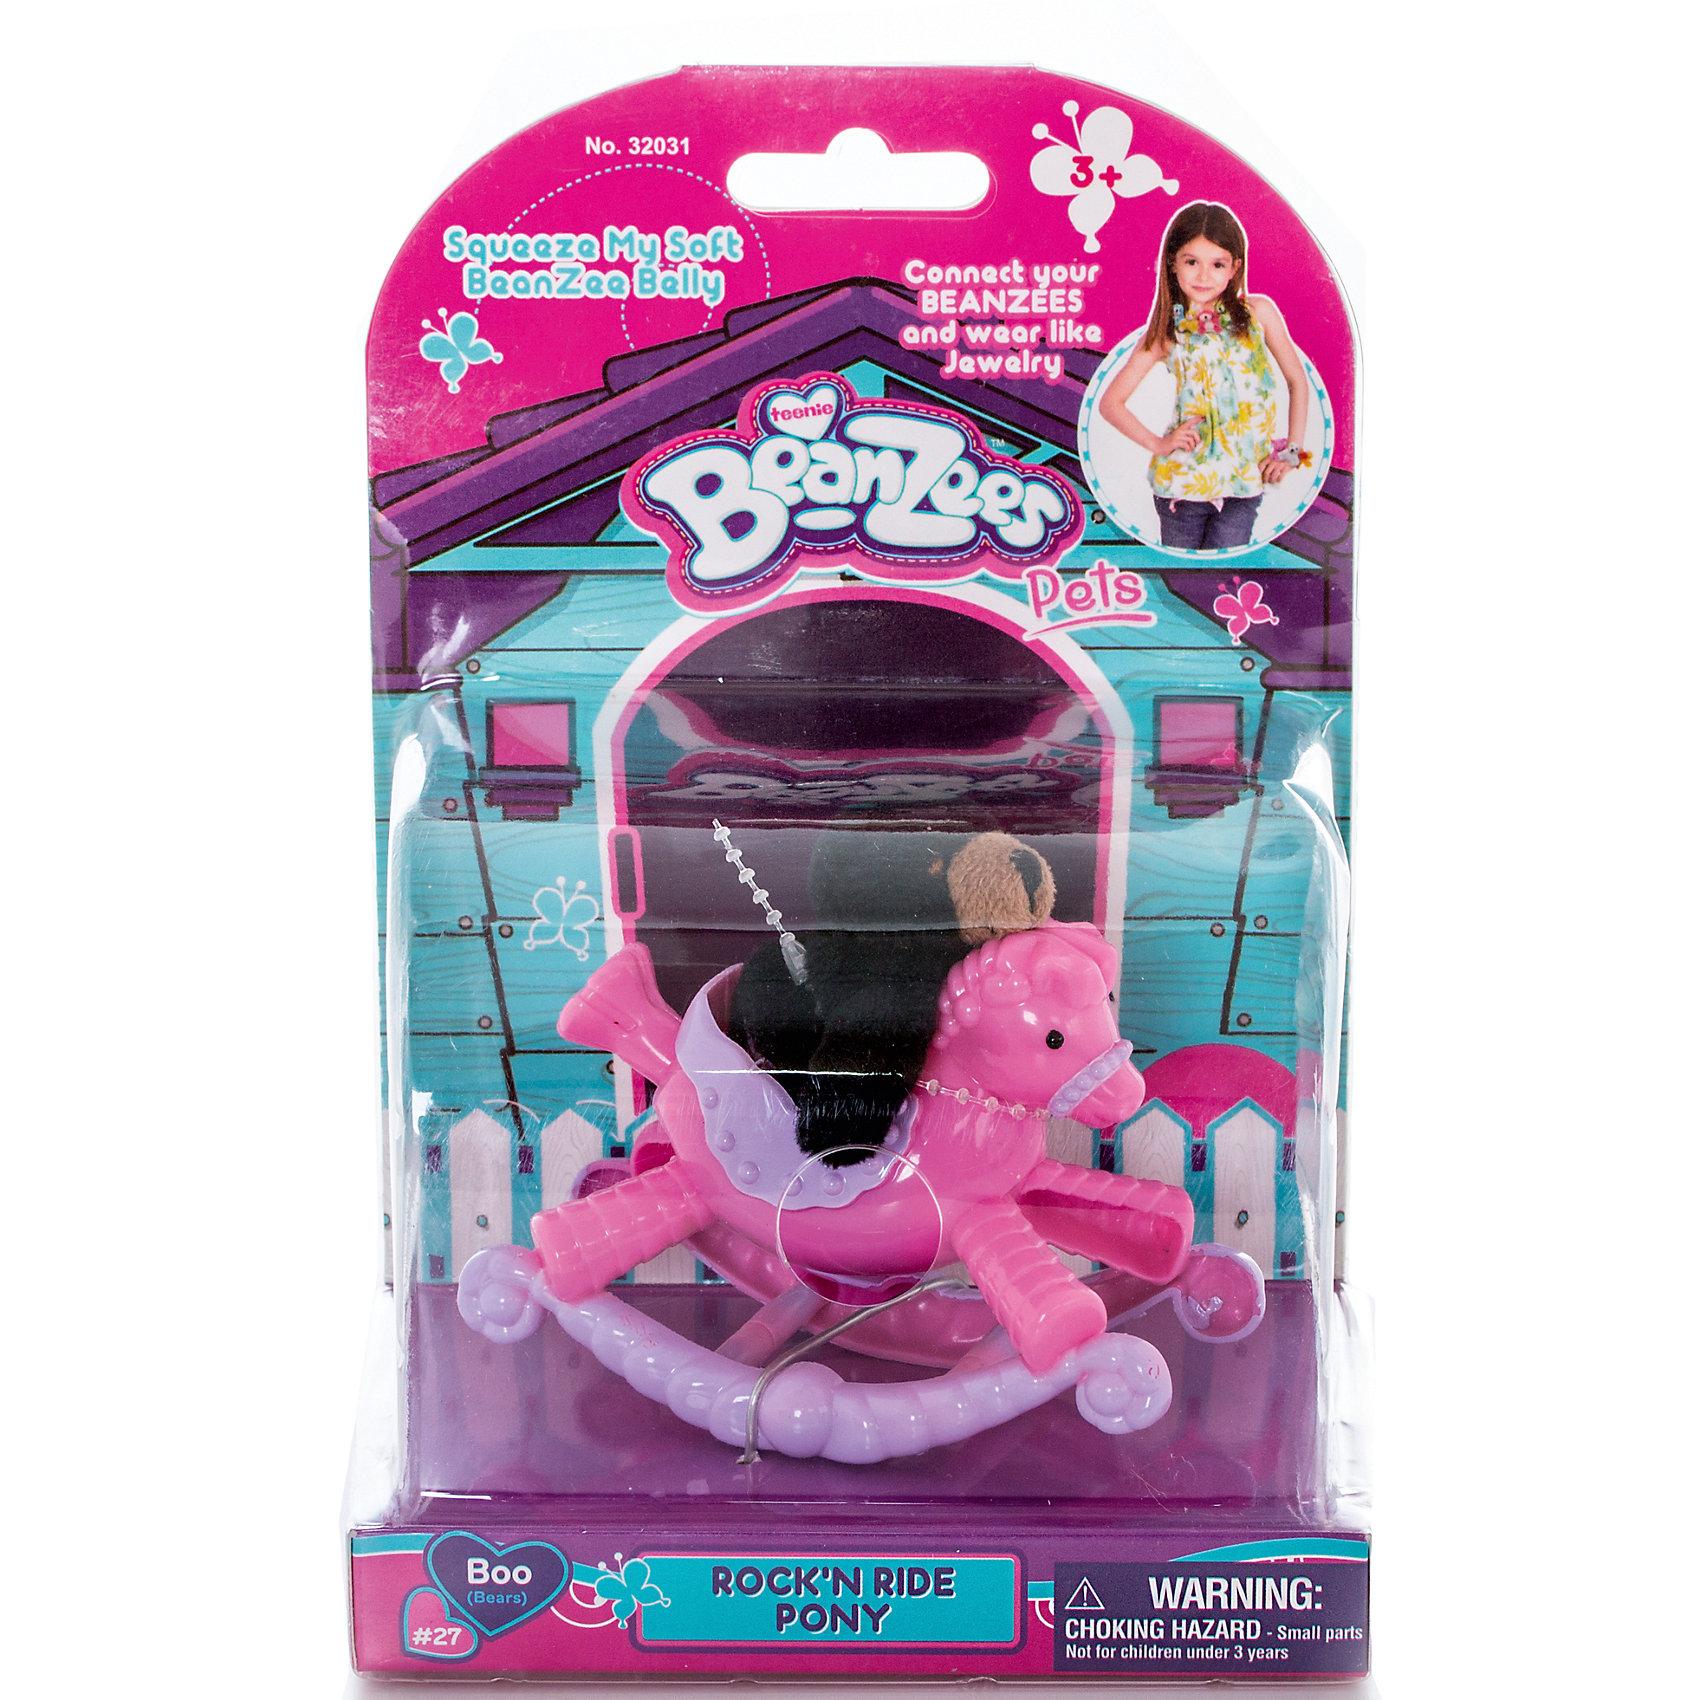 Плюшевый игровой набор Медвежонок на пони-качалке, BeanzeezХарактеристики товара:<br><br>- цвет: разноцветный;<br>- материал: пластик, текстиль;<br>- комплектация: фигурка животного, аксессуар;<br>- особенности: наличие на лапках липучек, игрушку можно соединять с другими героями из серии;<br>- живот заполнен гранулами;<br>- размер упаковки: 9х18х13 см;<br>- упаковка: блистер;<br>- вес: 146 г.<br><br>Такая симпатичная фигурка не оставит ребенка равнодушным! Какой малыш откажется поиграть с маленькой плюшевой игрушкой из большой пушистой коллекции?! Игрушка очень качественно выполнена, поэтому она станет отличным подарком ребенку. В наборе идет фигурка животного и аксессуары. С ними можно придумать множество сюжетов, разыгрывая которые, ребенок развивает мелкую моторику, воображение и творческое мышление.<br>Изделие произведено из высококачественного материала, безопасного для детей.<br><br>Плюшевый игровой набор Медвежонок на пони-качалке от бренда Beanzeez можно купить в нашем интернет-магазине.<br><br>Ширина мм: 85<br>Глубина мм: 180<br>Высота мм: 130<br>Вес г: 145<br>Возраст от месяцев: 36<br>Возраст до месяцев: 2147483647<br>Пол: Женский<br>Возраст: Детский<br>SKU: 5039891